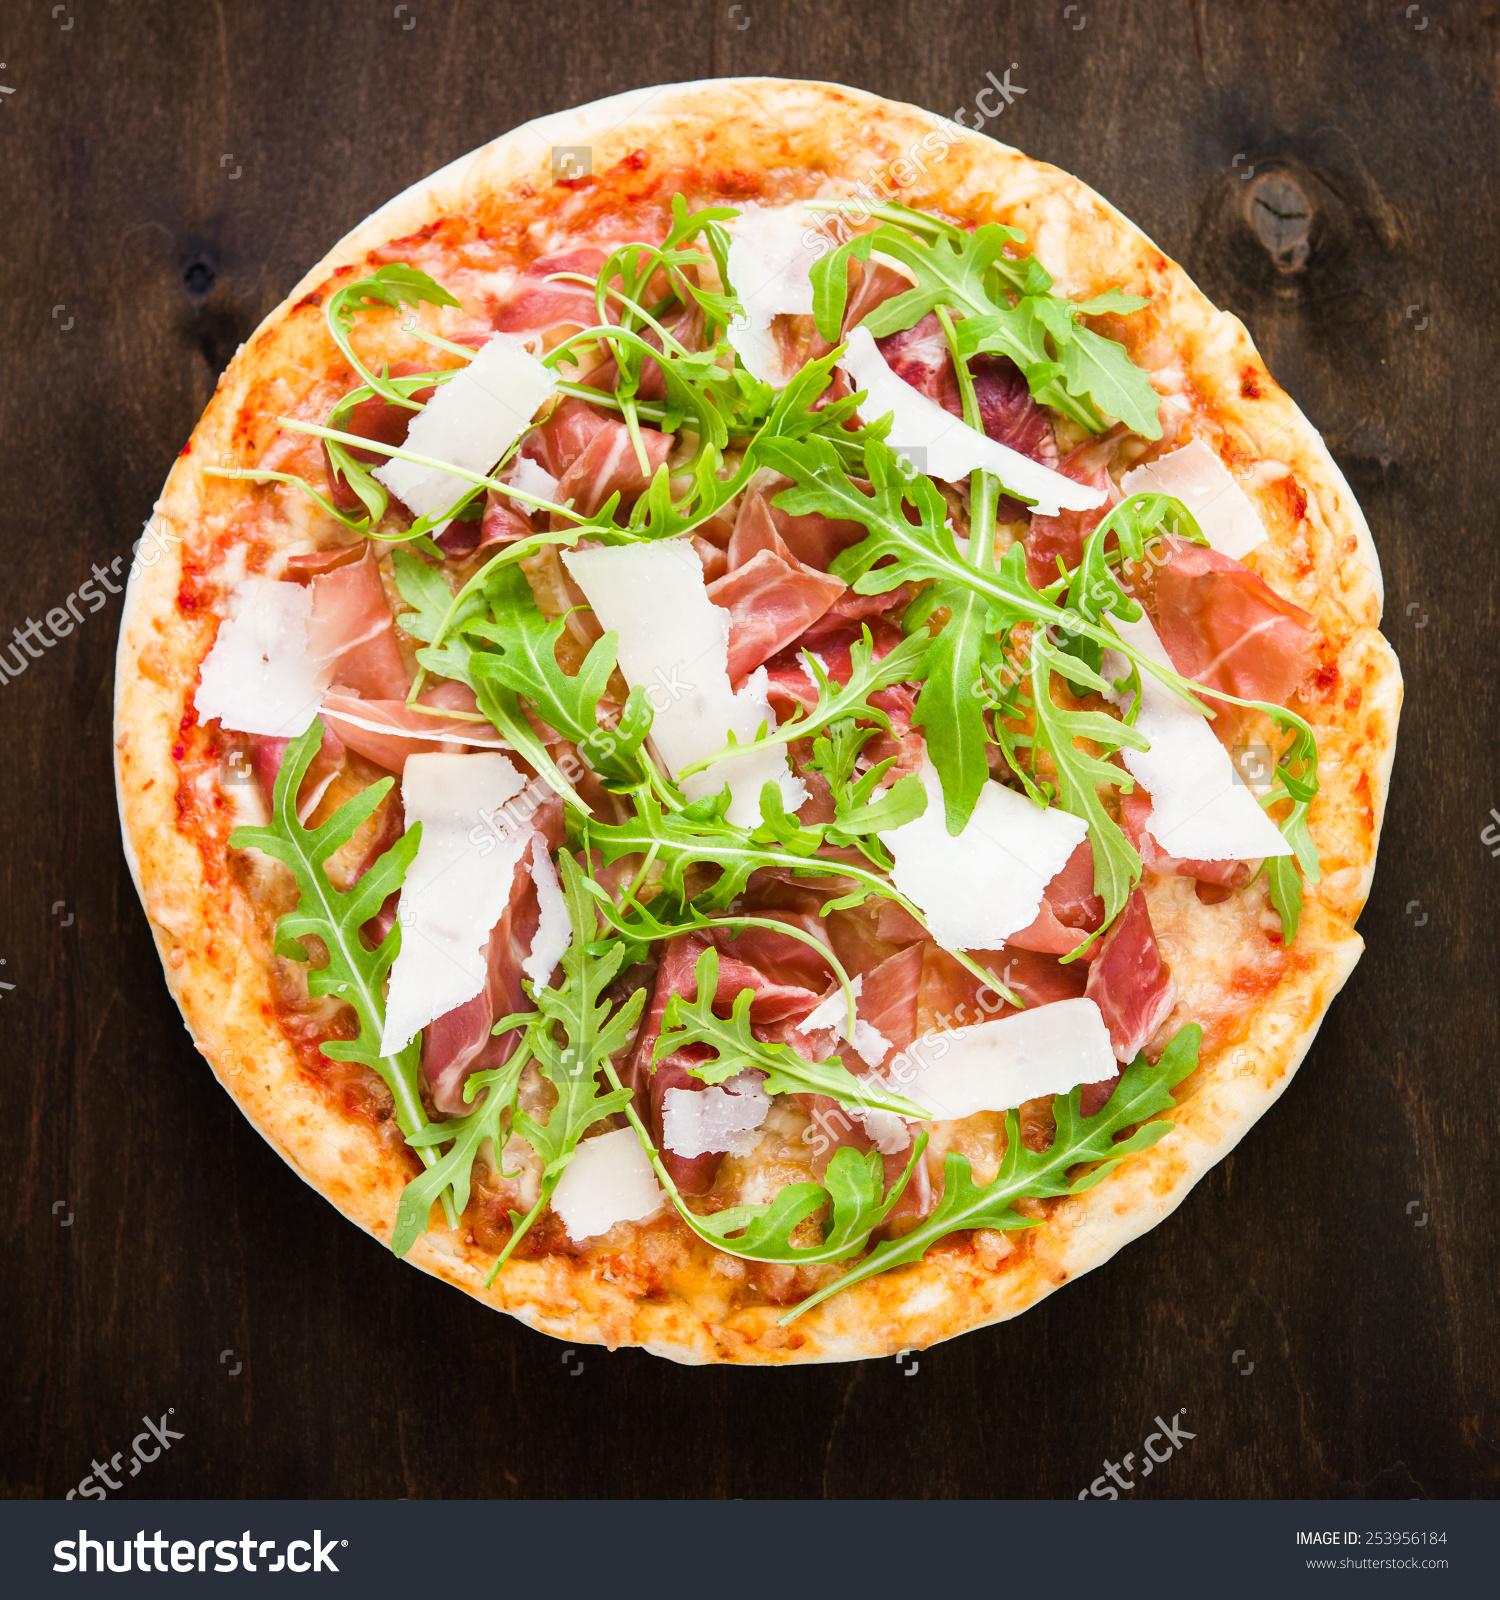 Pizza Prosciutto Parma Ham Arugula Salad Stock Photo 253956184.